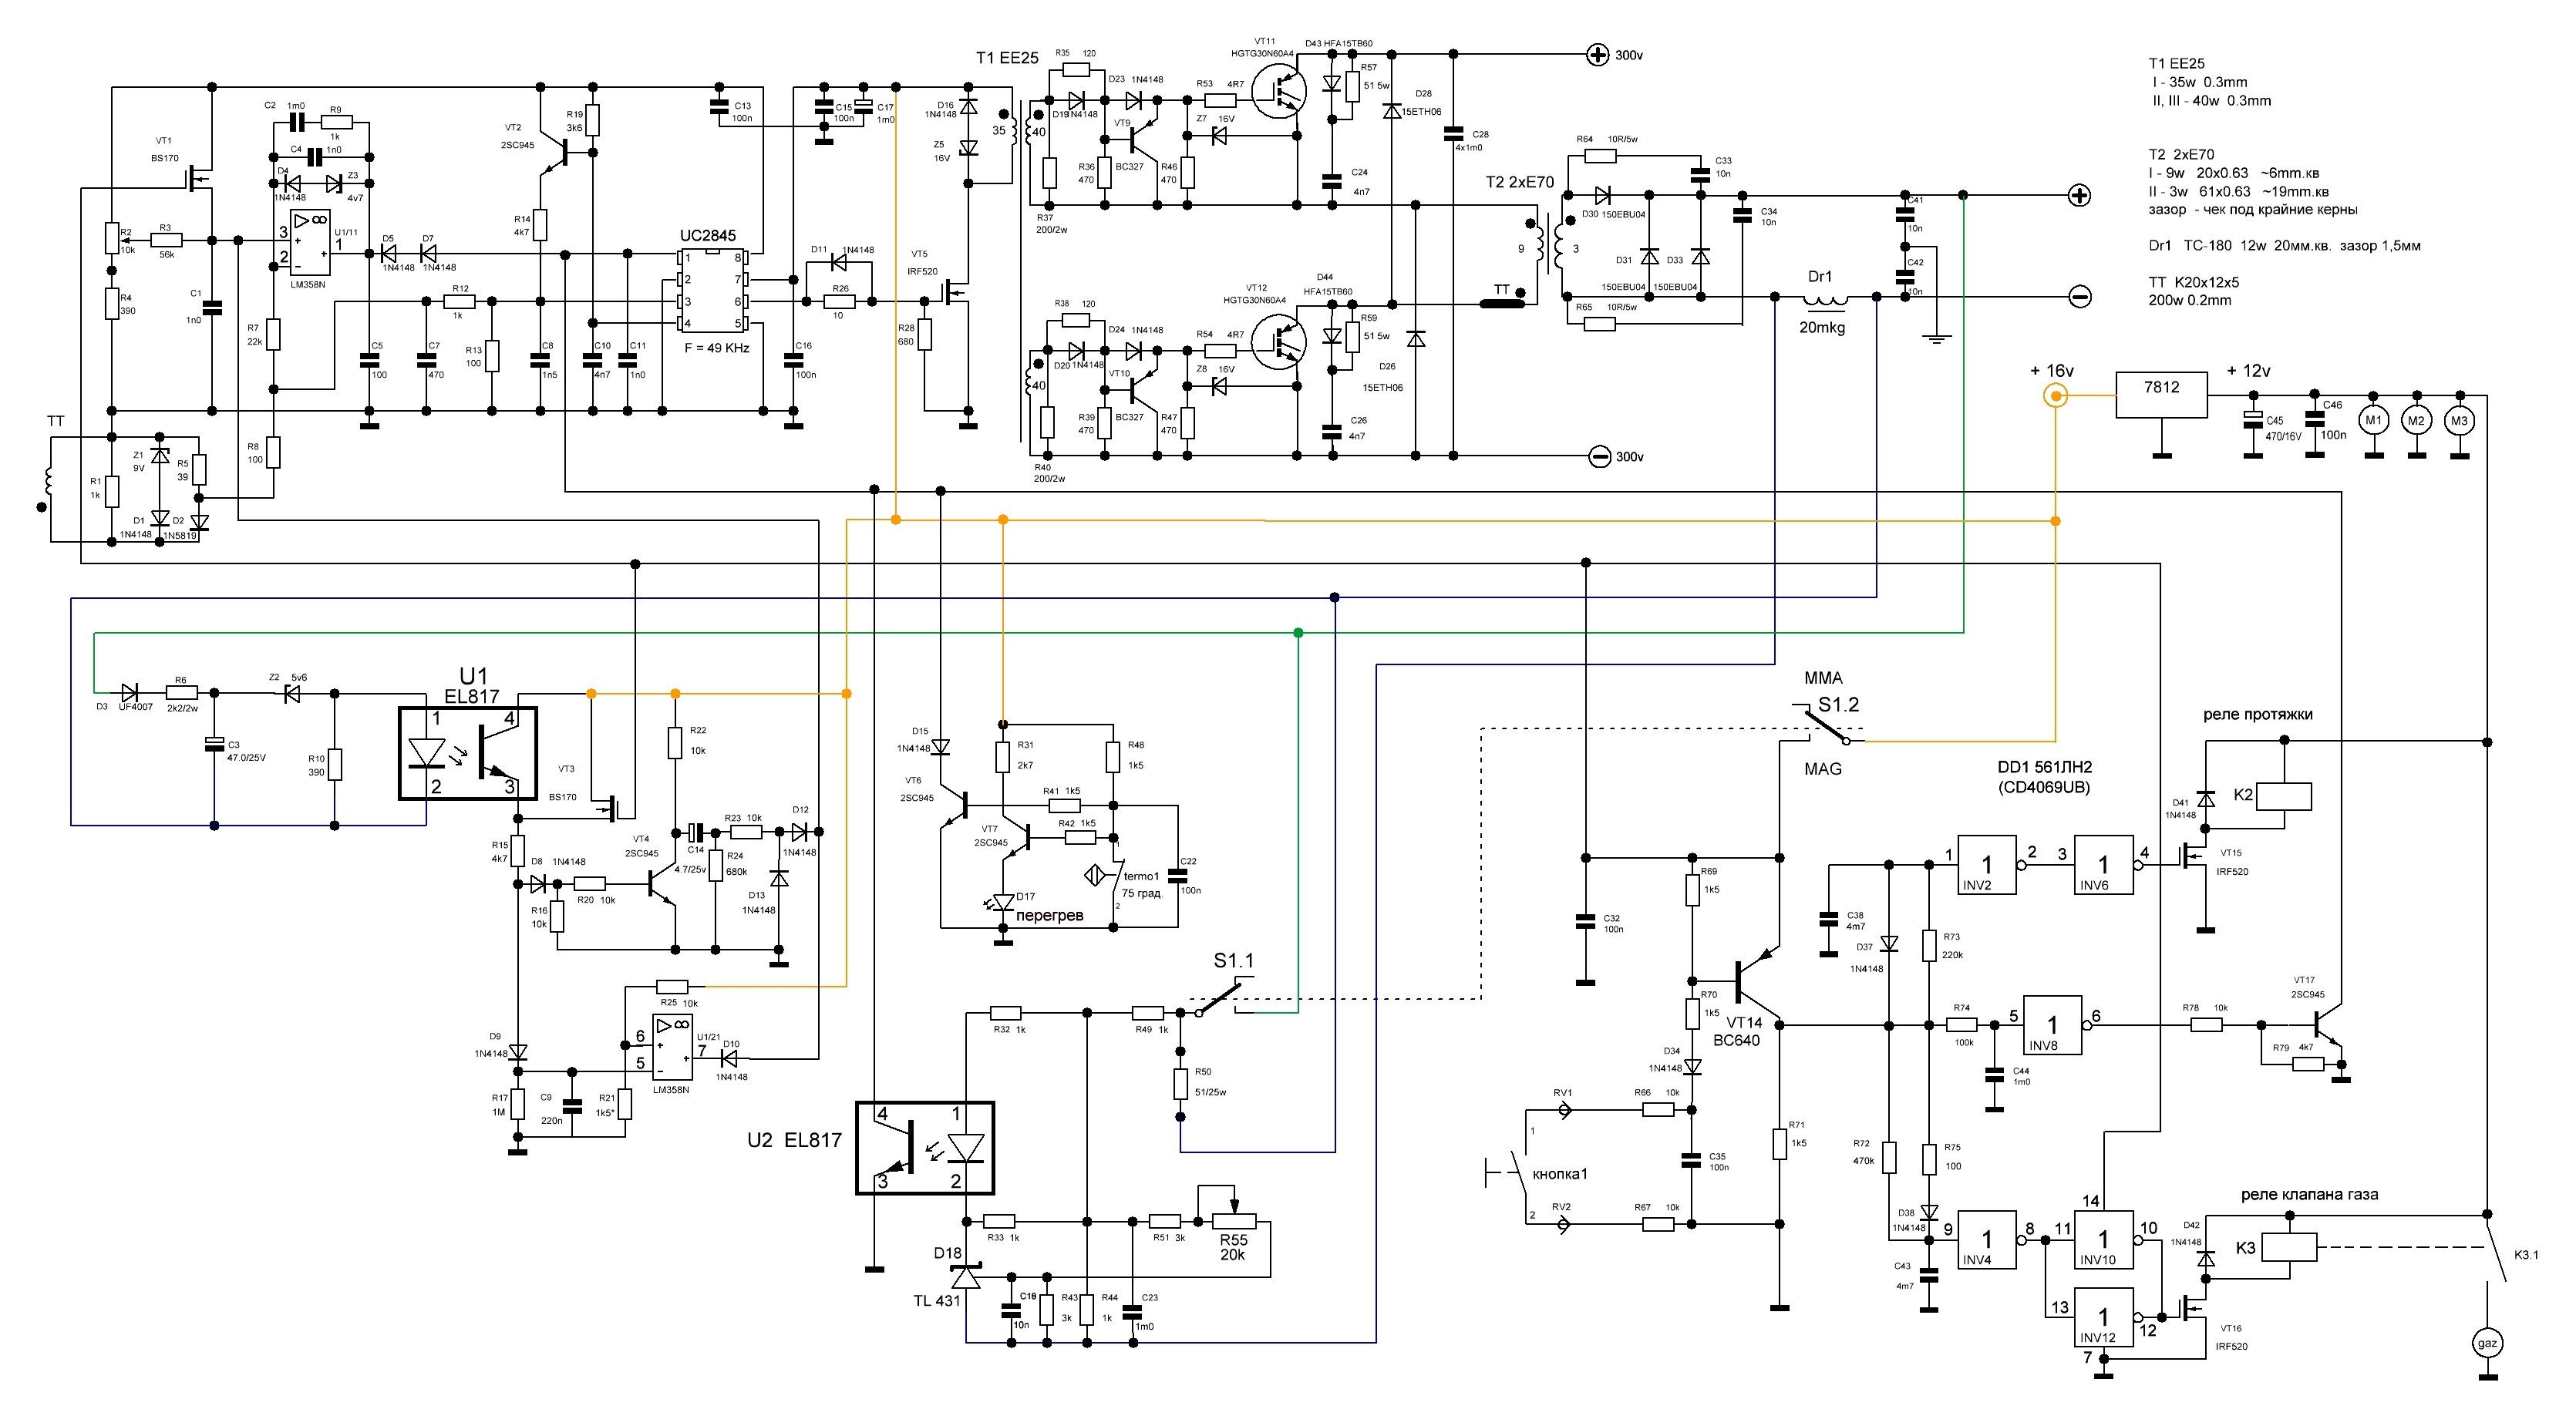 Схема и работа сварочного полуавтомата